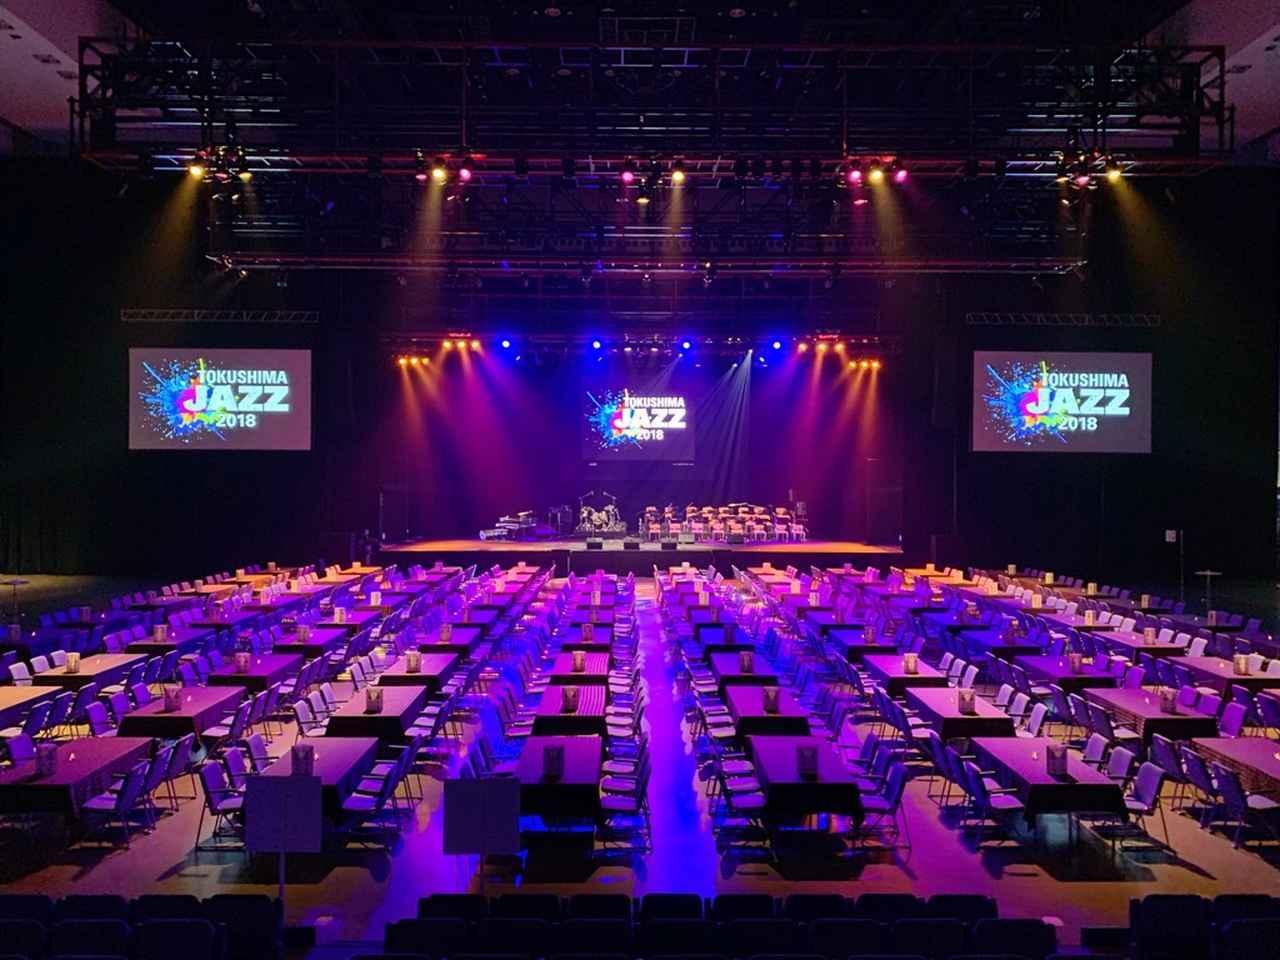 画像: 昨年末、「アスティとくしま」で開催されたイベント『TOKUSHIMA JAZZ』でも「M-5000」は使用された